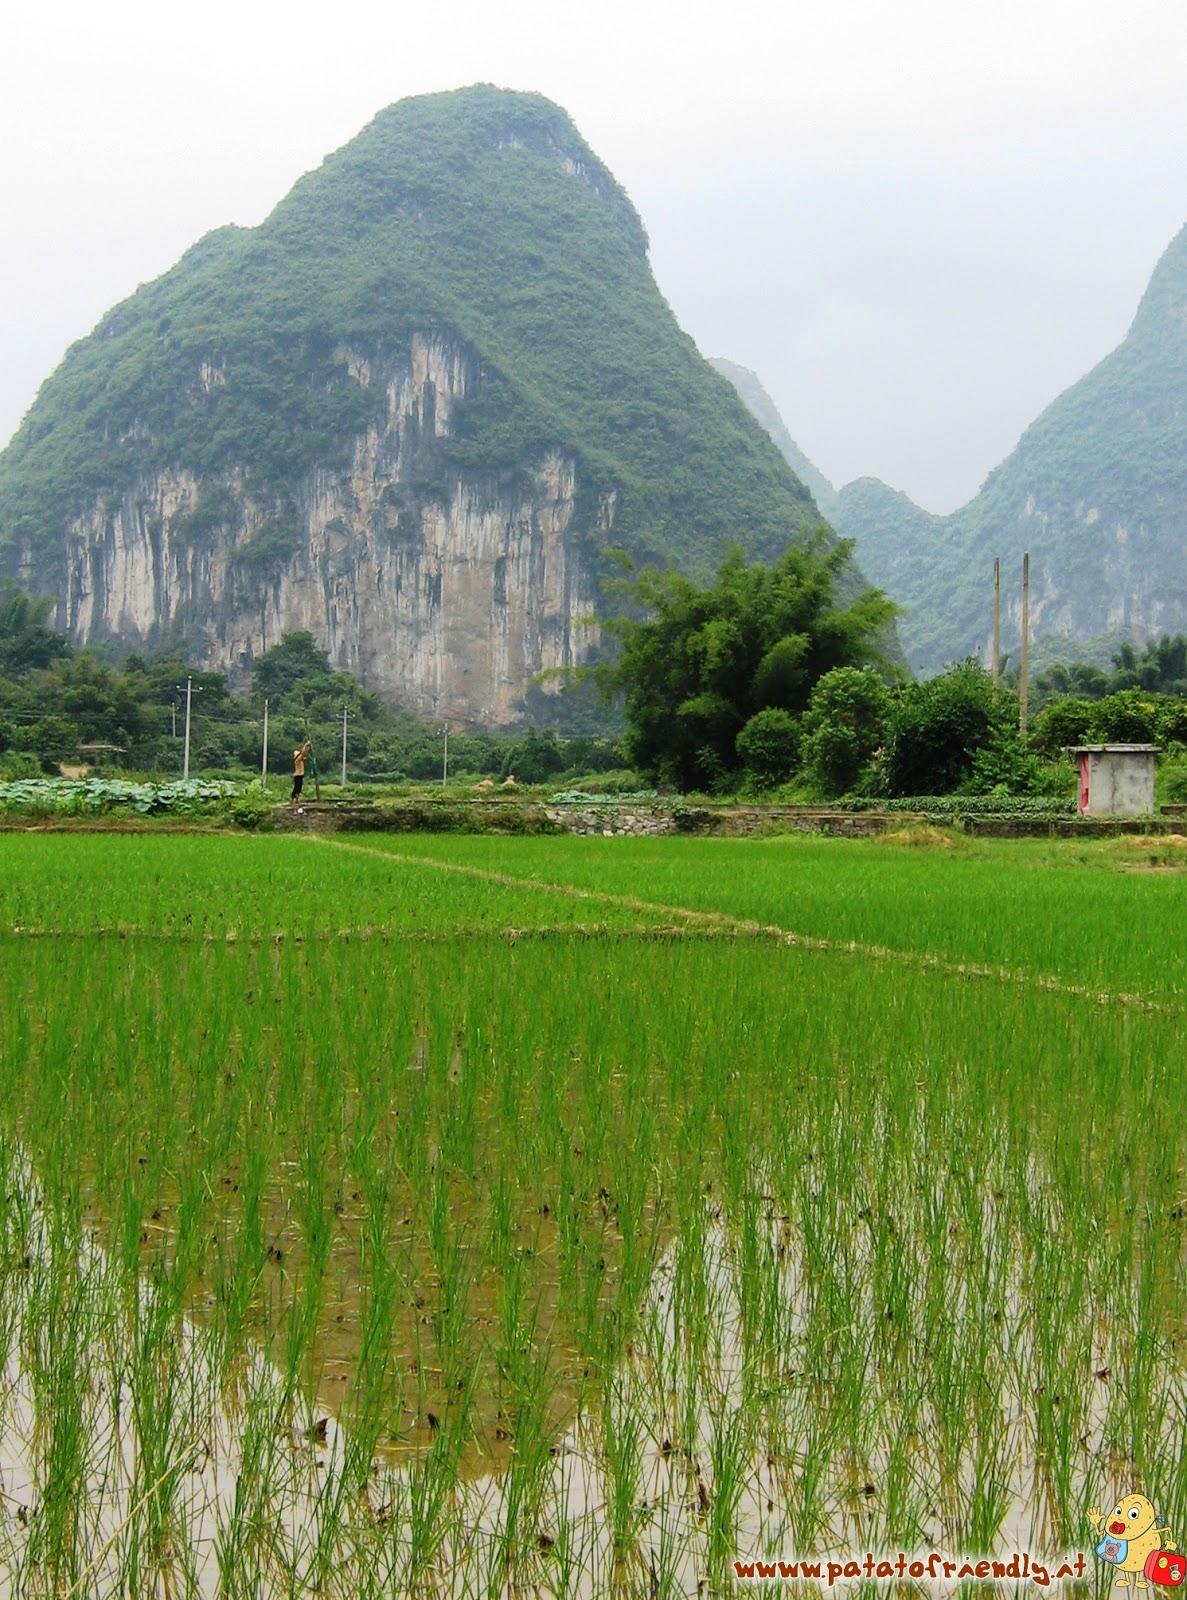 Risaia dopo la pioggia - Yangshuo - Cina